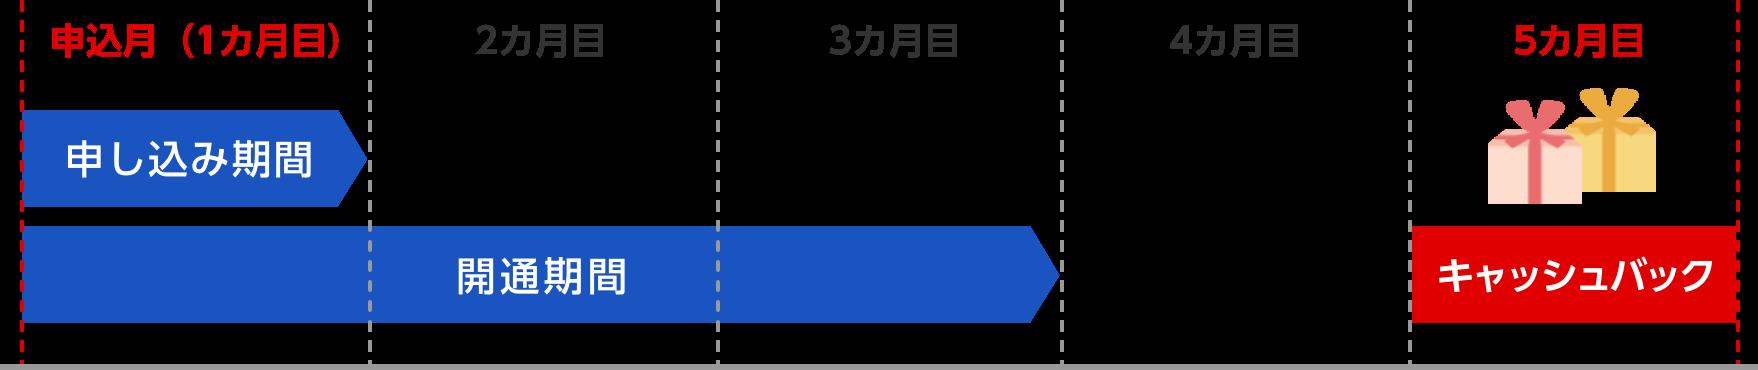 スケジュールのイメージ図